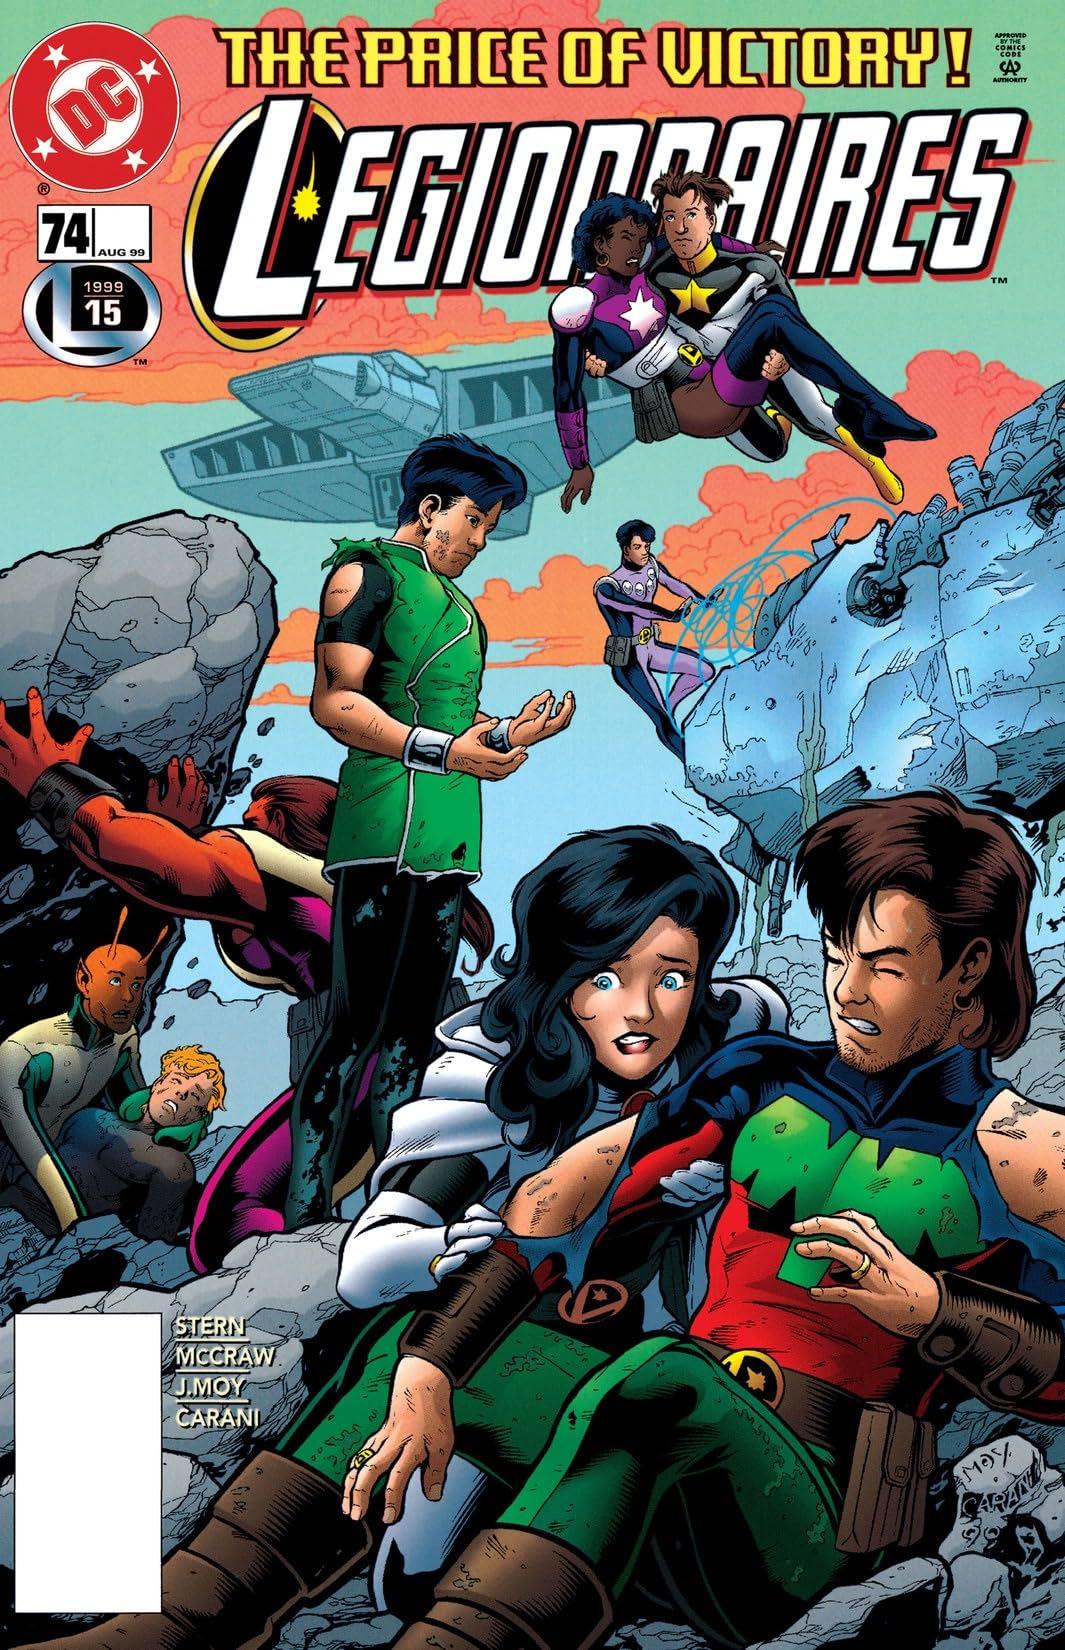 Legionnaires (1993-2000) #74